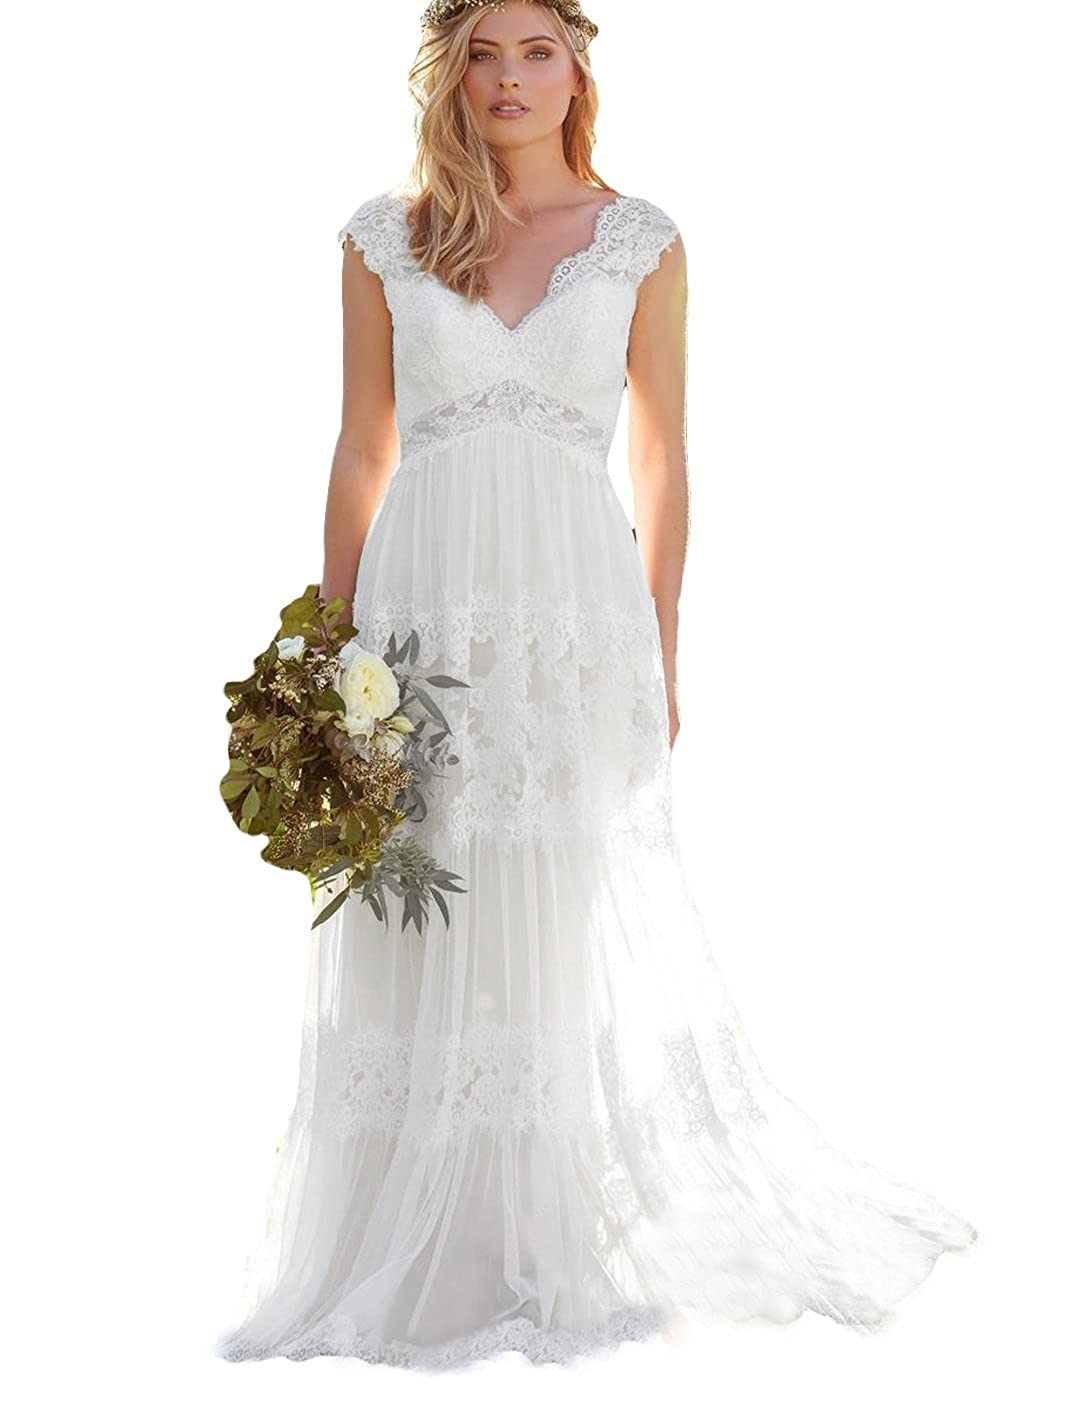 NUOJIA Doppelt V Ausschnitt Boho B/öhmischen Brautkleider Lange Spitzen hochzeitskleider